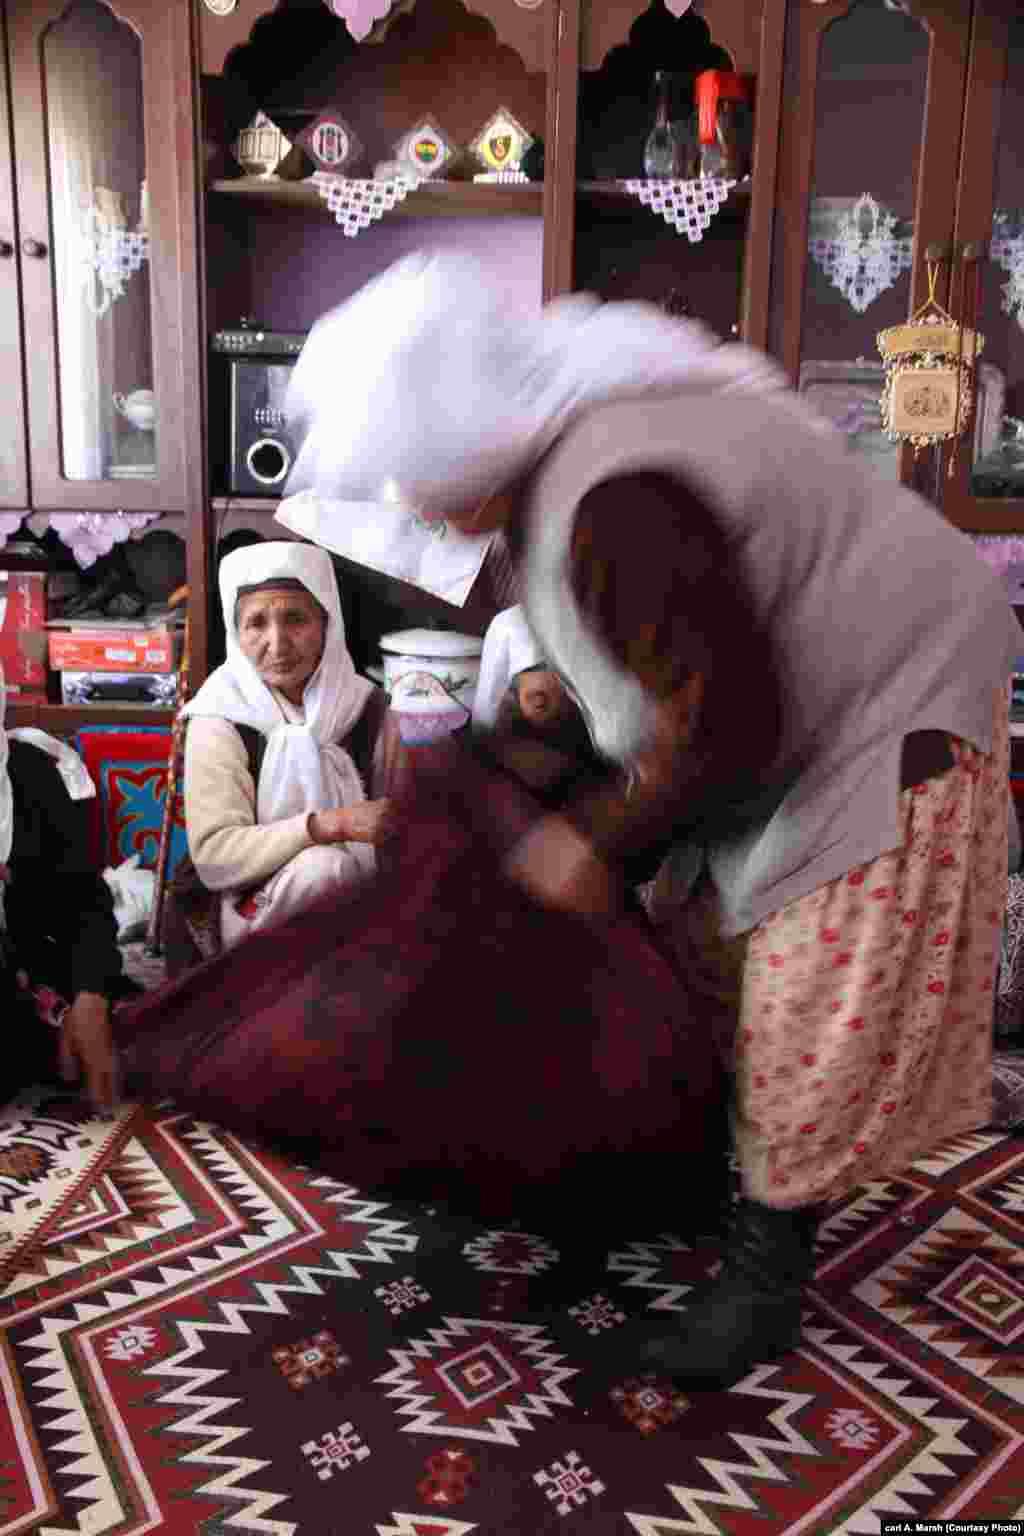 Кыргызские женщины региона Памир собирают подарки для проводов невесты. Теперь в Турции, где кыргызы инструктированы спонсируемыми государством муллами, больше не поют на семейных торжествах.